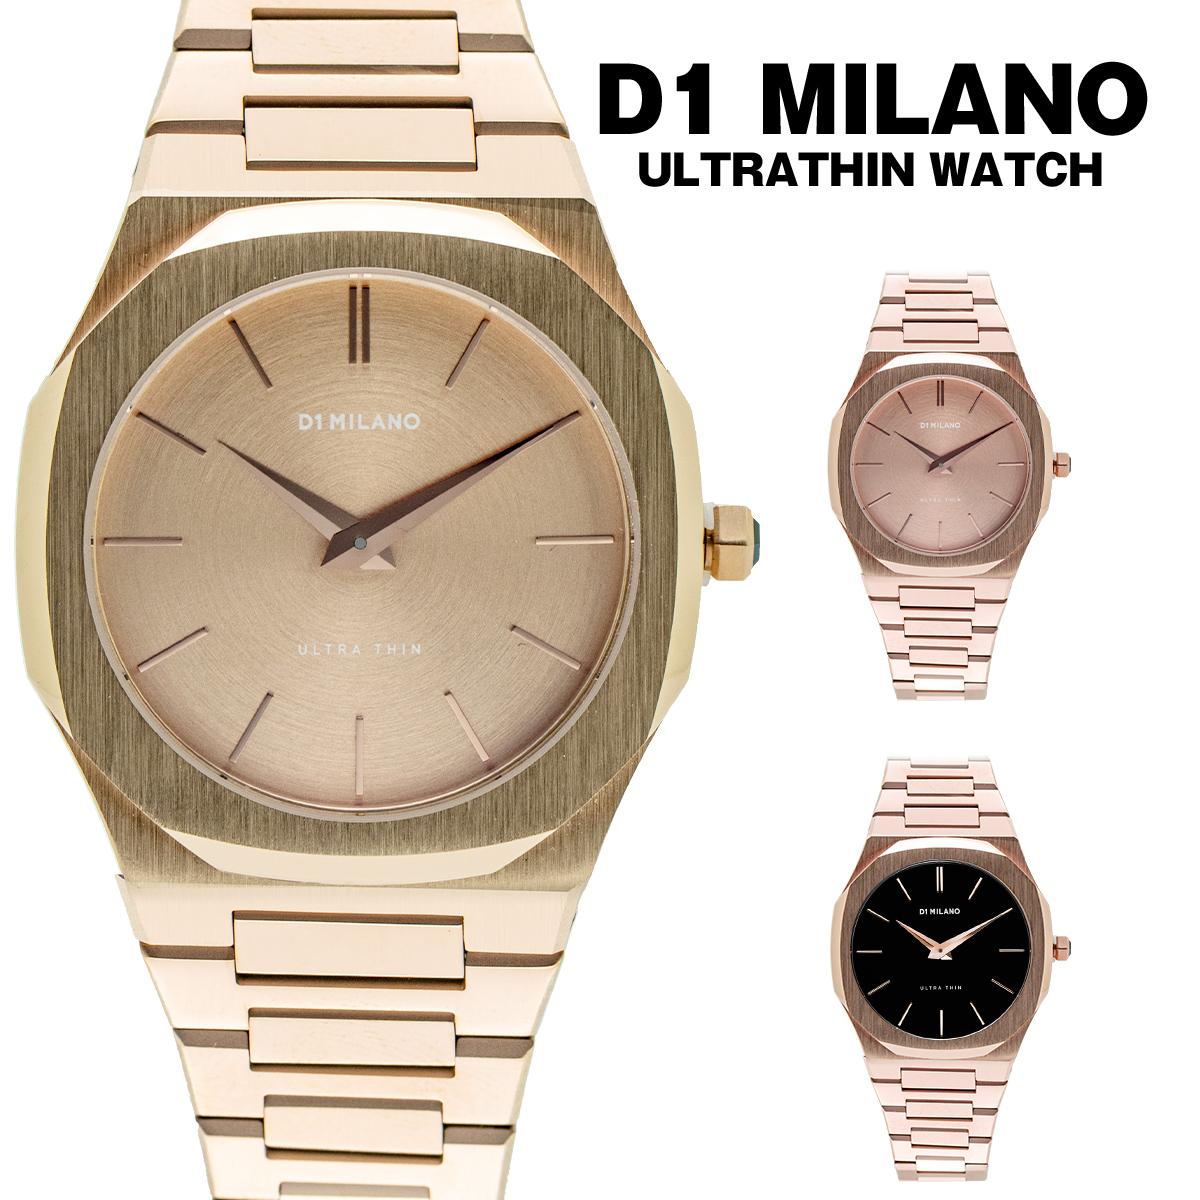 【全品送料無料】 D1 MILANO D1ミラノ メンズ ULTRA THIN UTL ステンレススティールケース 防水 メタルベルト 腕時計 時計